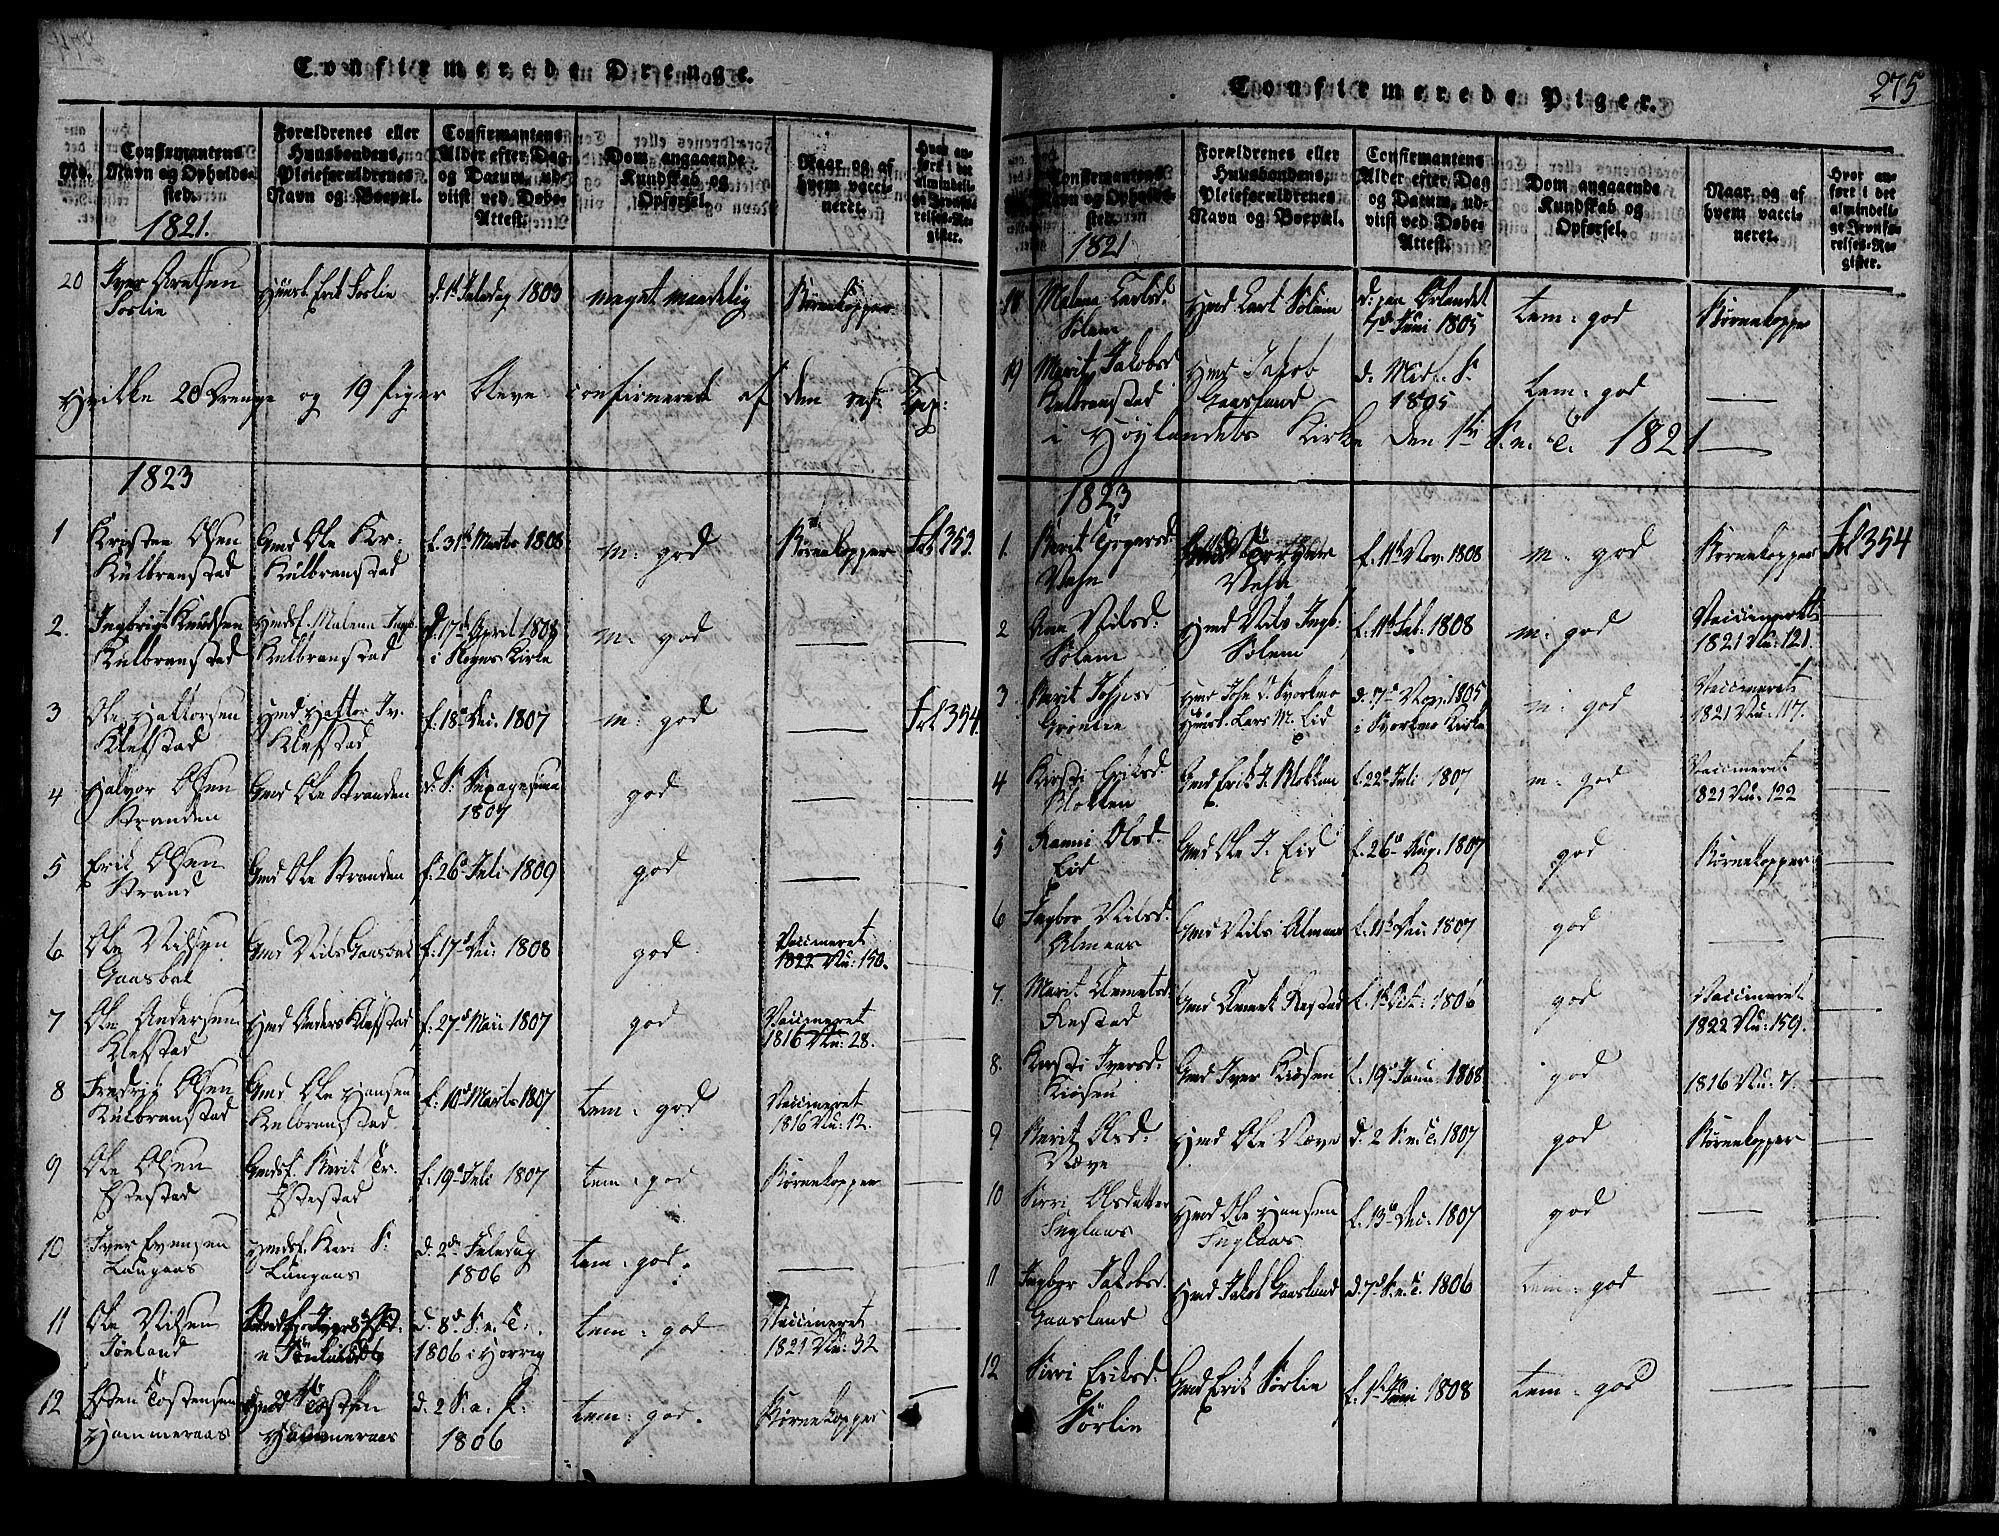 SAT, Ministerialprotokoller, klokkerbøker og fødselsregistre - Sør-Trøndelag, 691/L1068: Ministerialbok nr. 691A03 /4, 1816-1826, s. 275